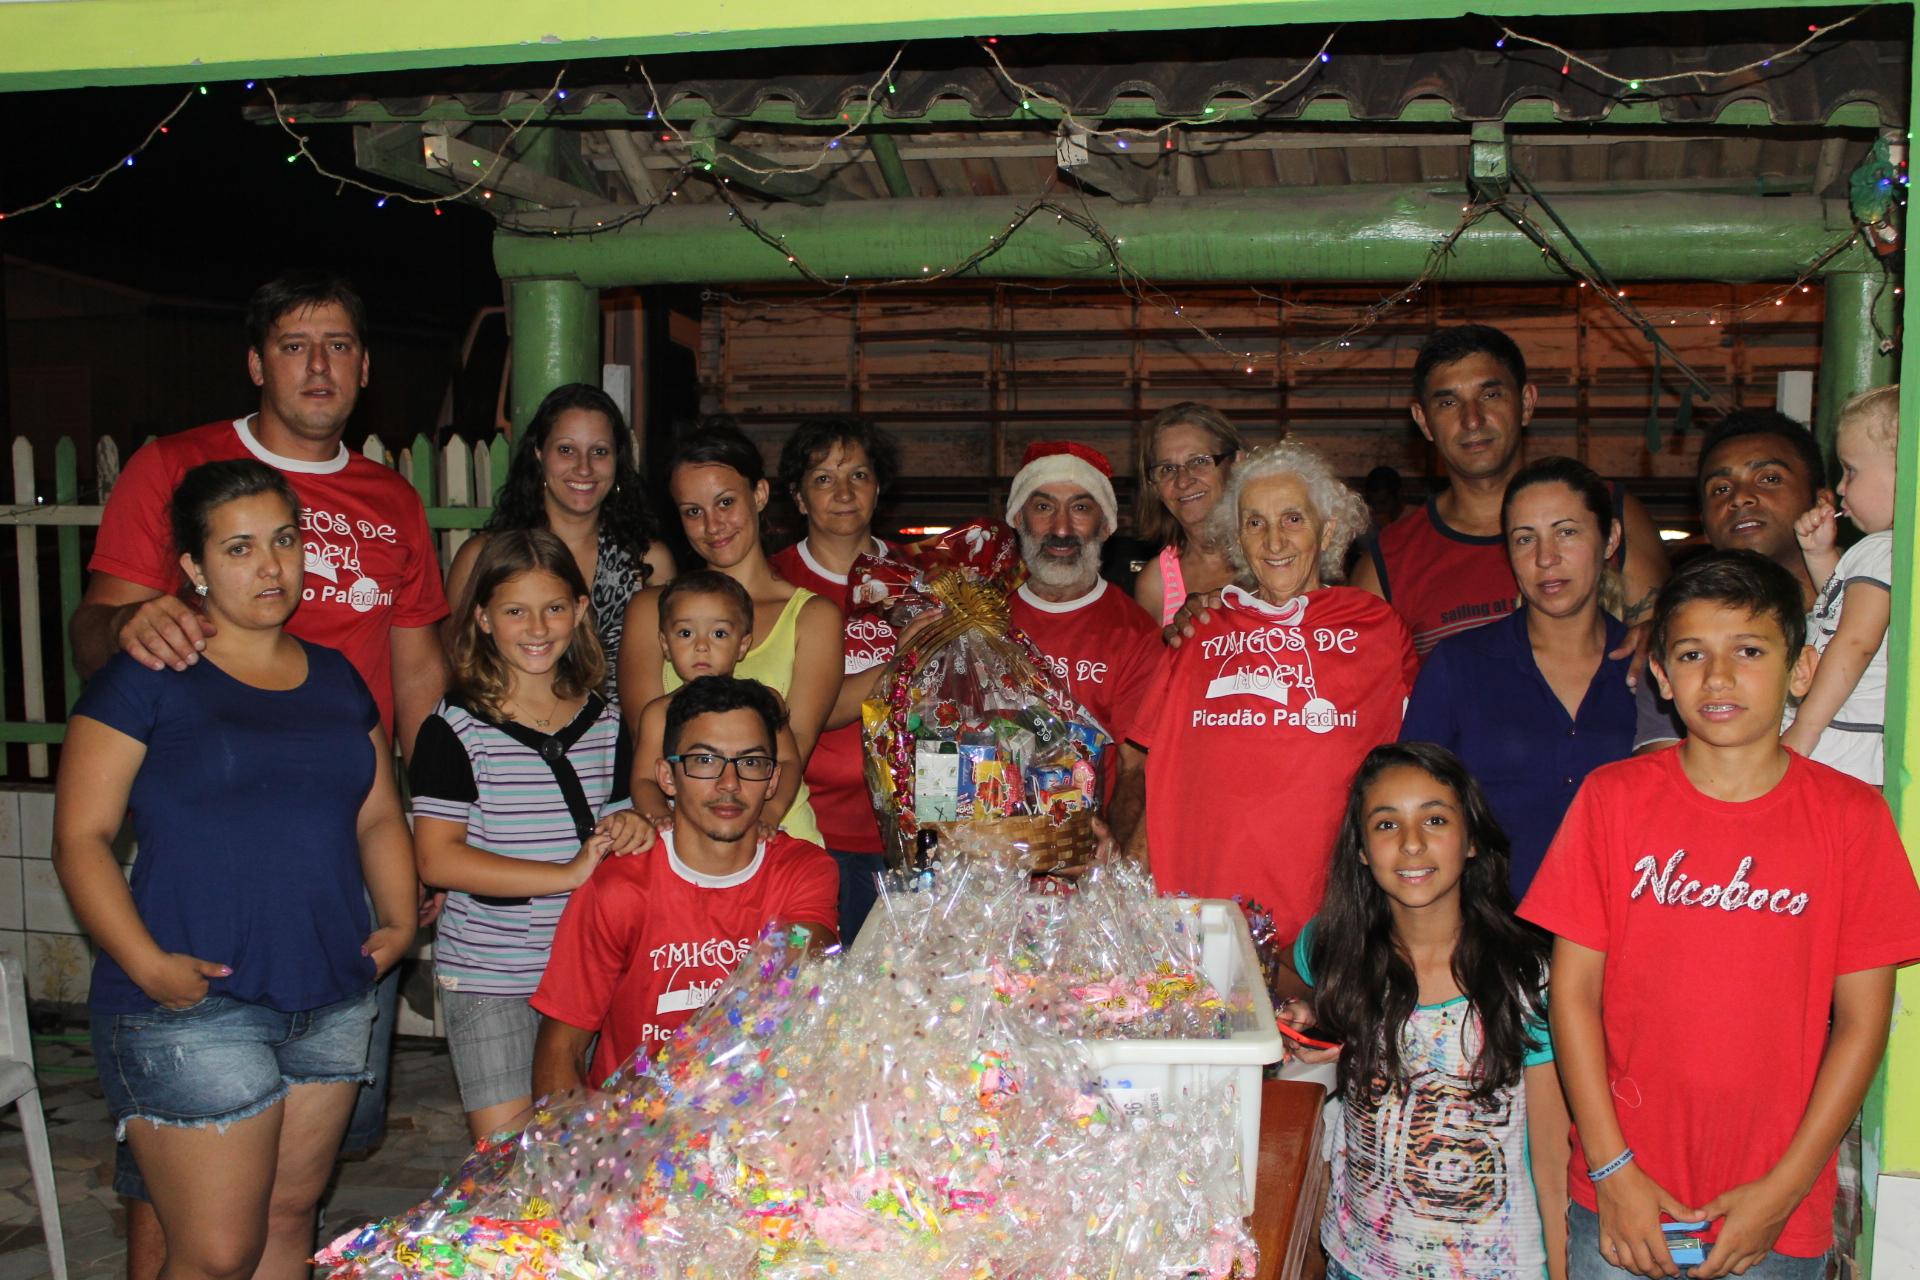 Papai Noel da Associação amigos de Noel do Picadão Paladini faz distribuição de presentes neste sábado 20.